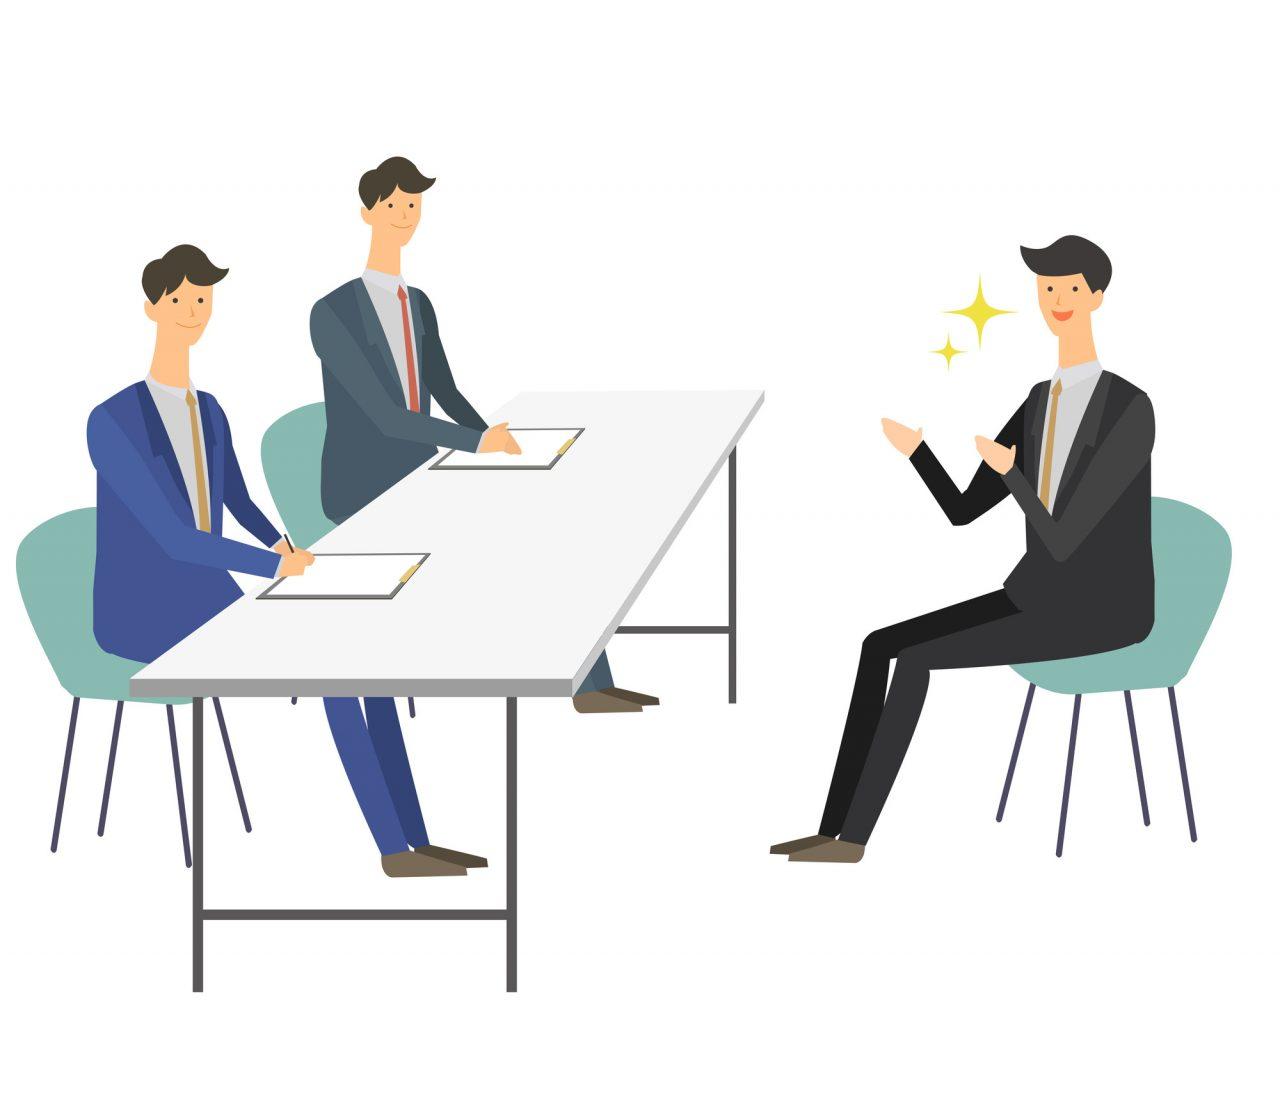 採用力をアップする面接講座 人材採用と定着率向上を促進するためのコミュニケーション